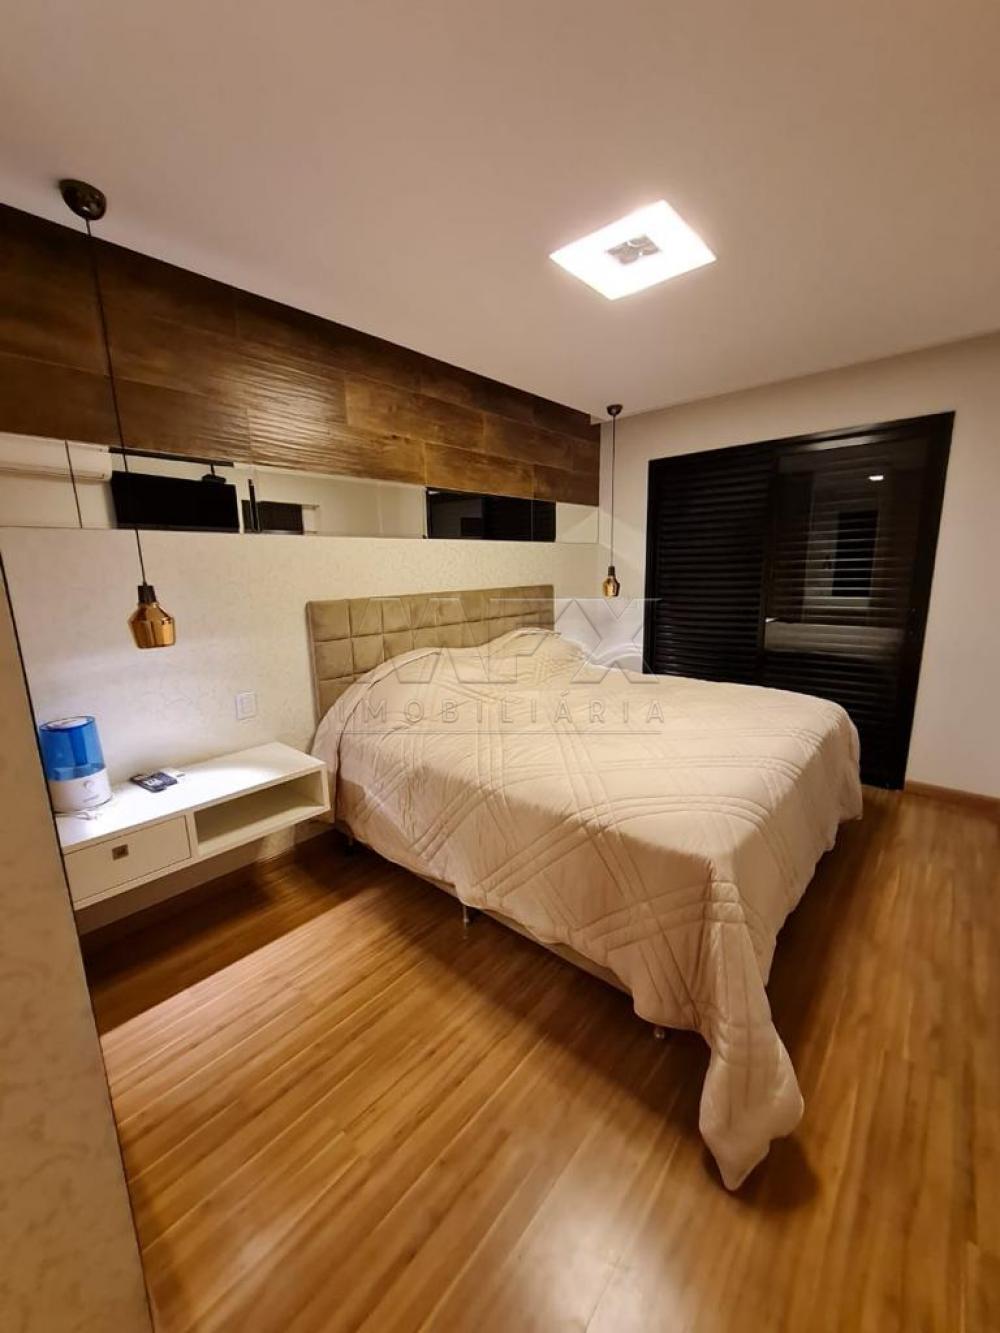 Comprar Casa / Padrão em Bauru R$ 950.000,00 - Foto 16